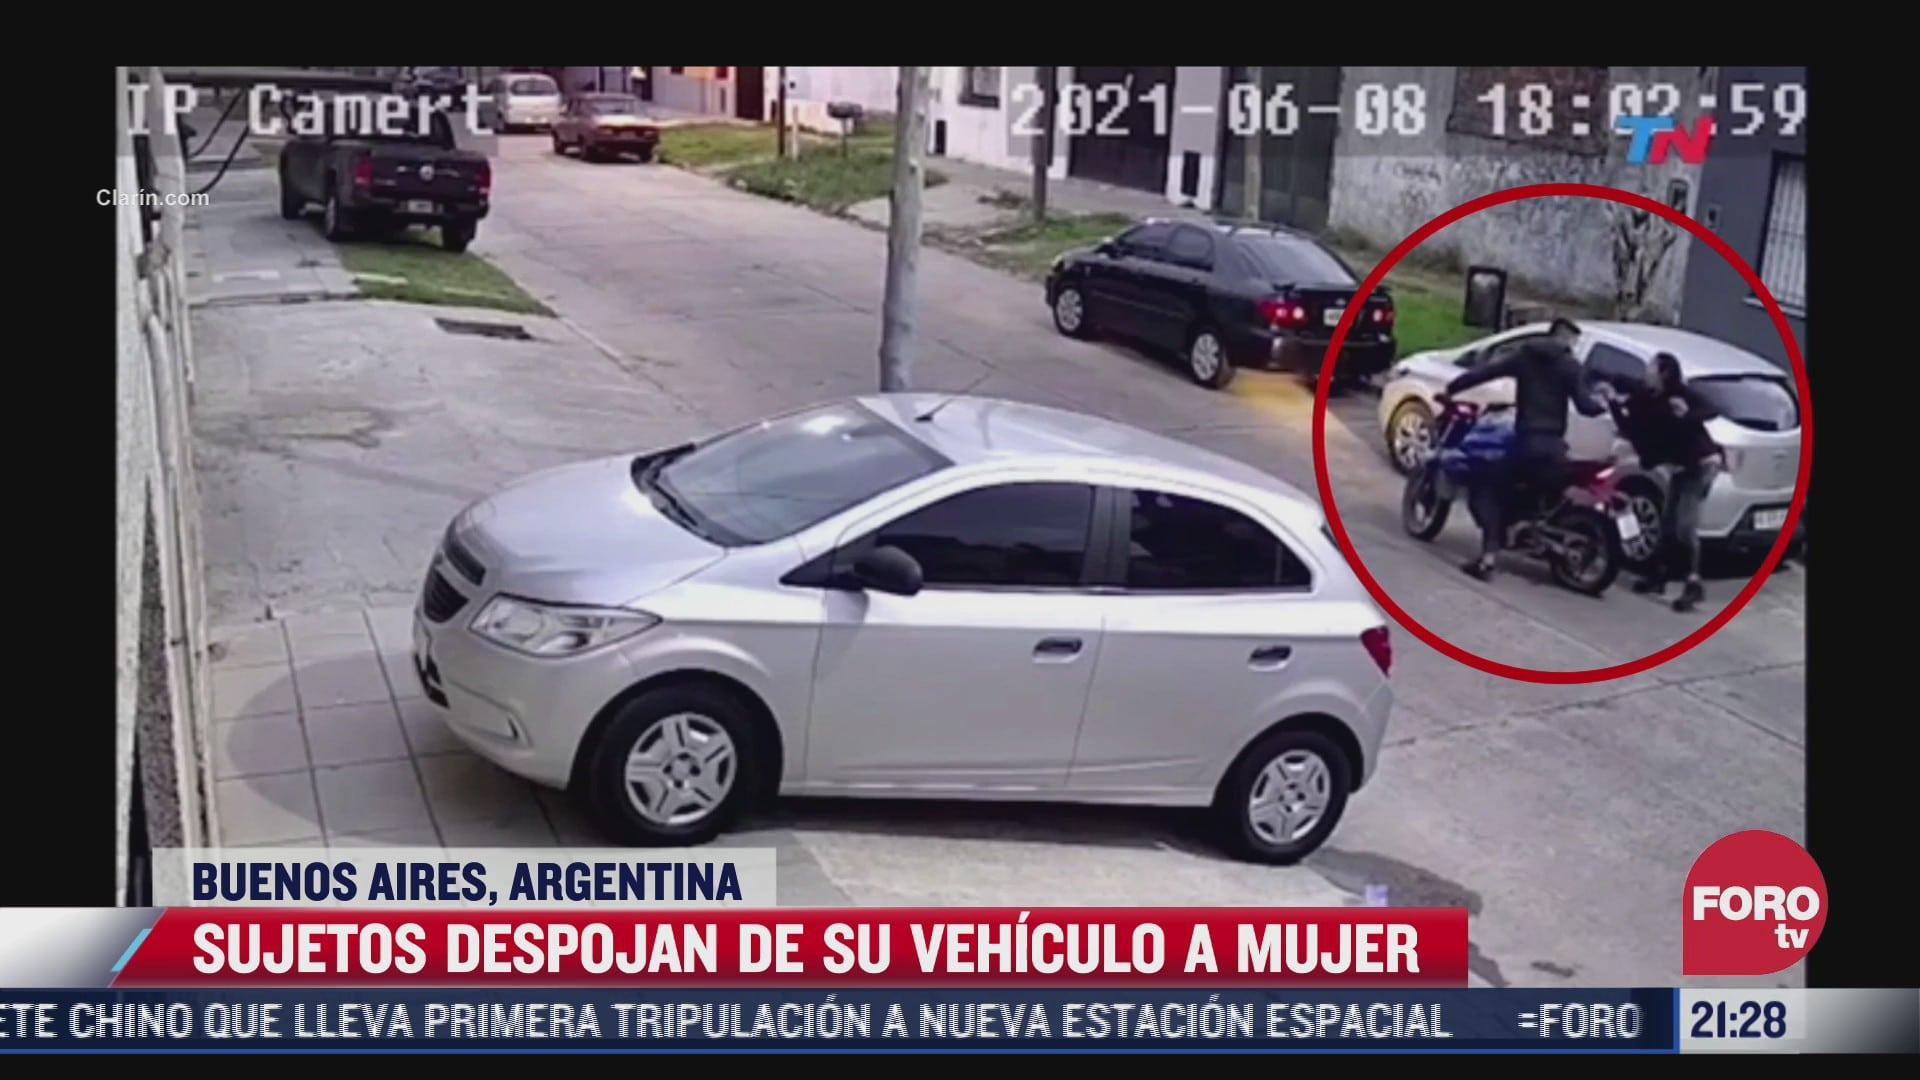 captan asalto a mujer en buenos aires argentina